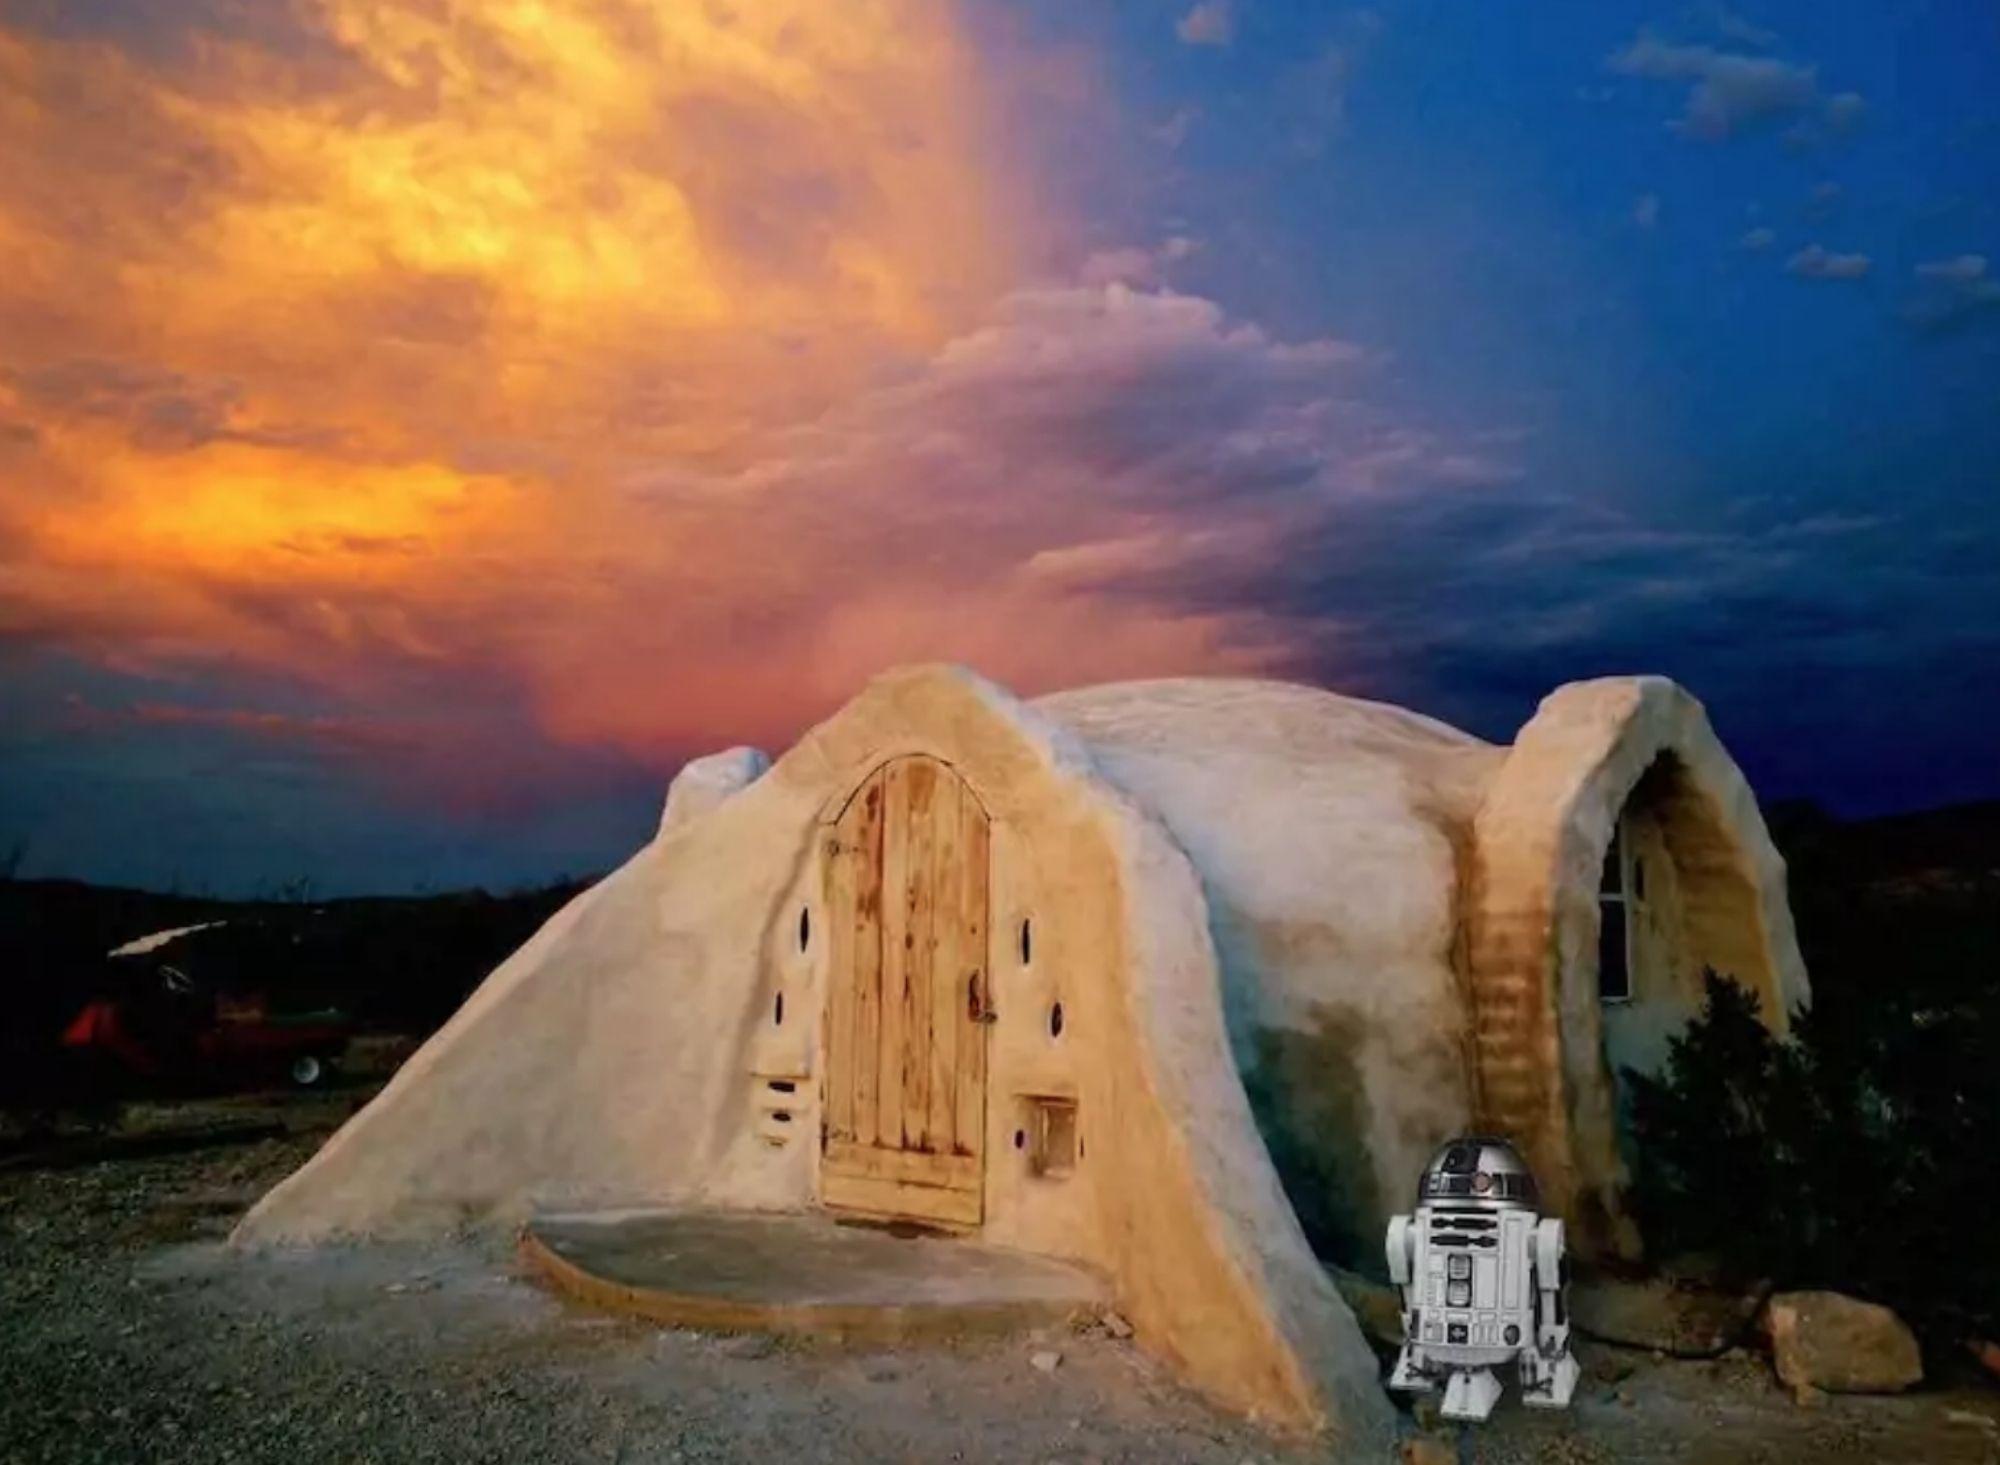 La casa da affittare (subito) per sentirsi sul set di Star Wars